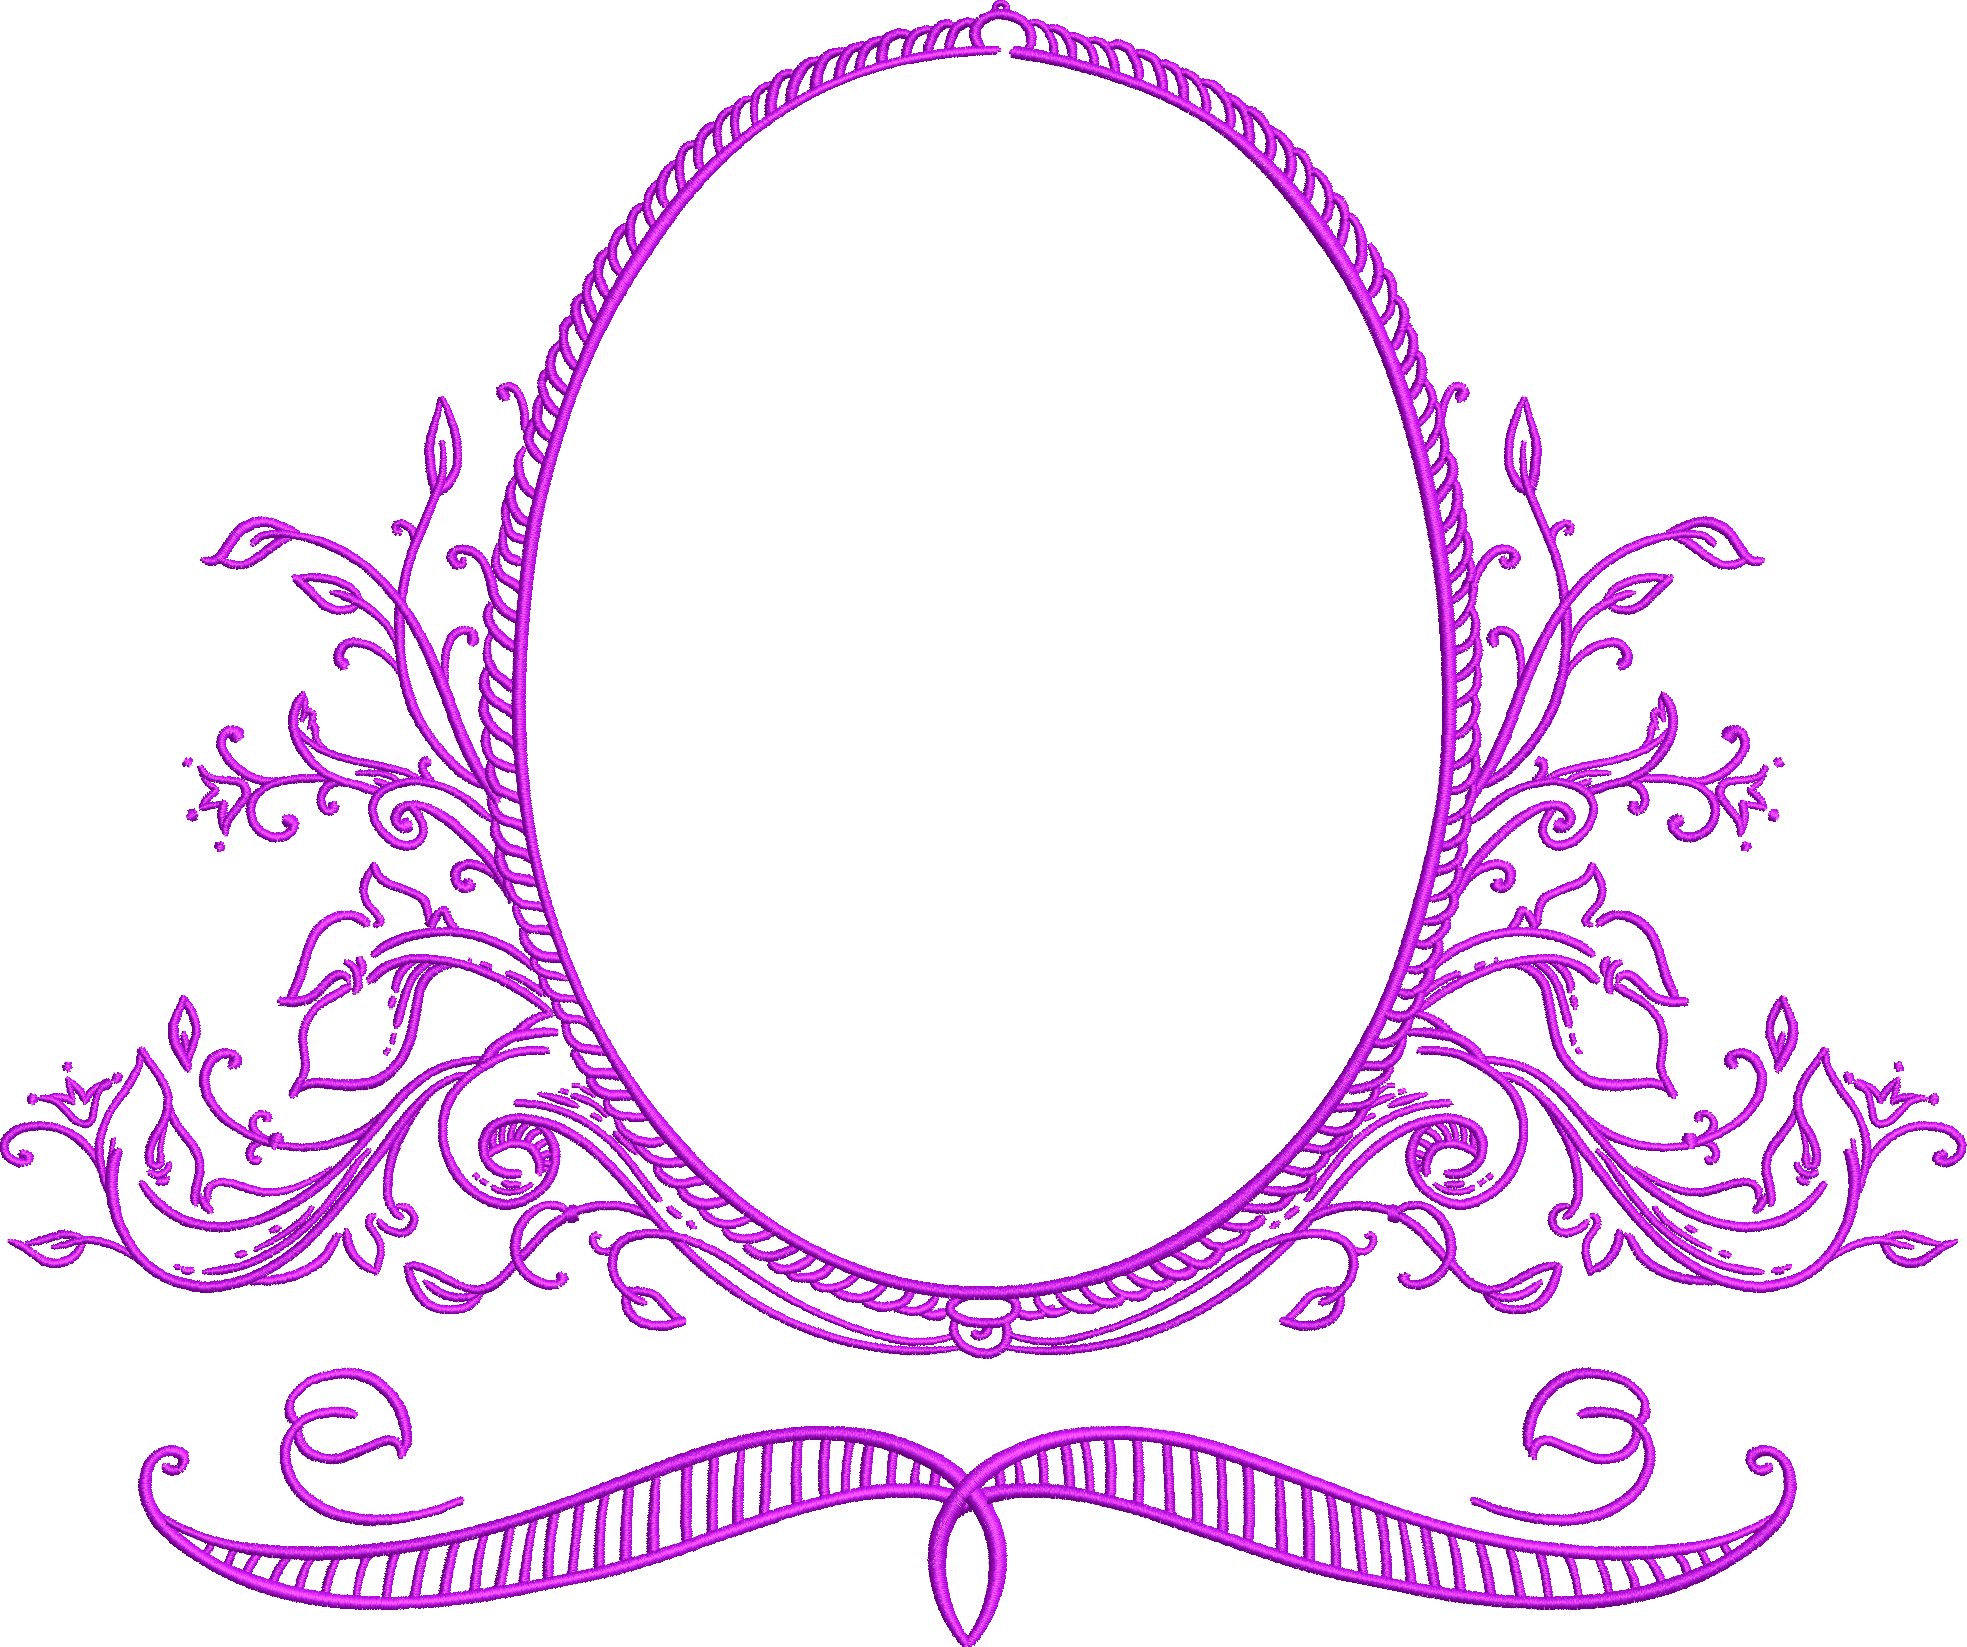 Zz_Monogram Glyphs_1